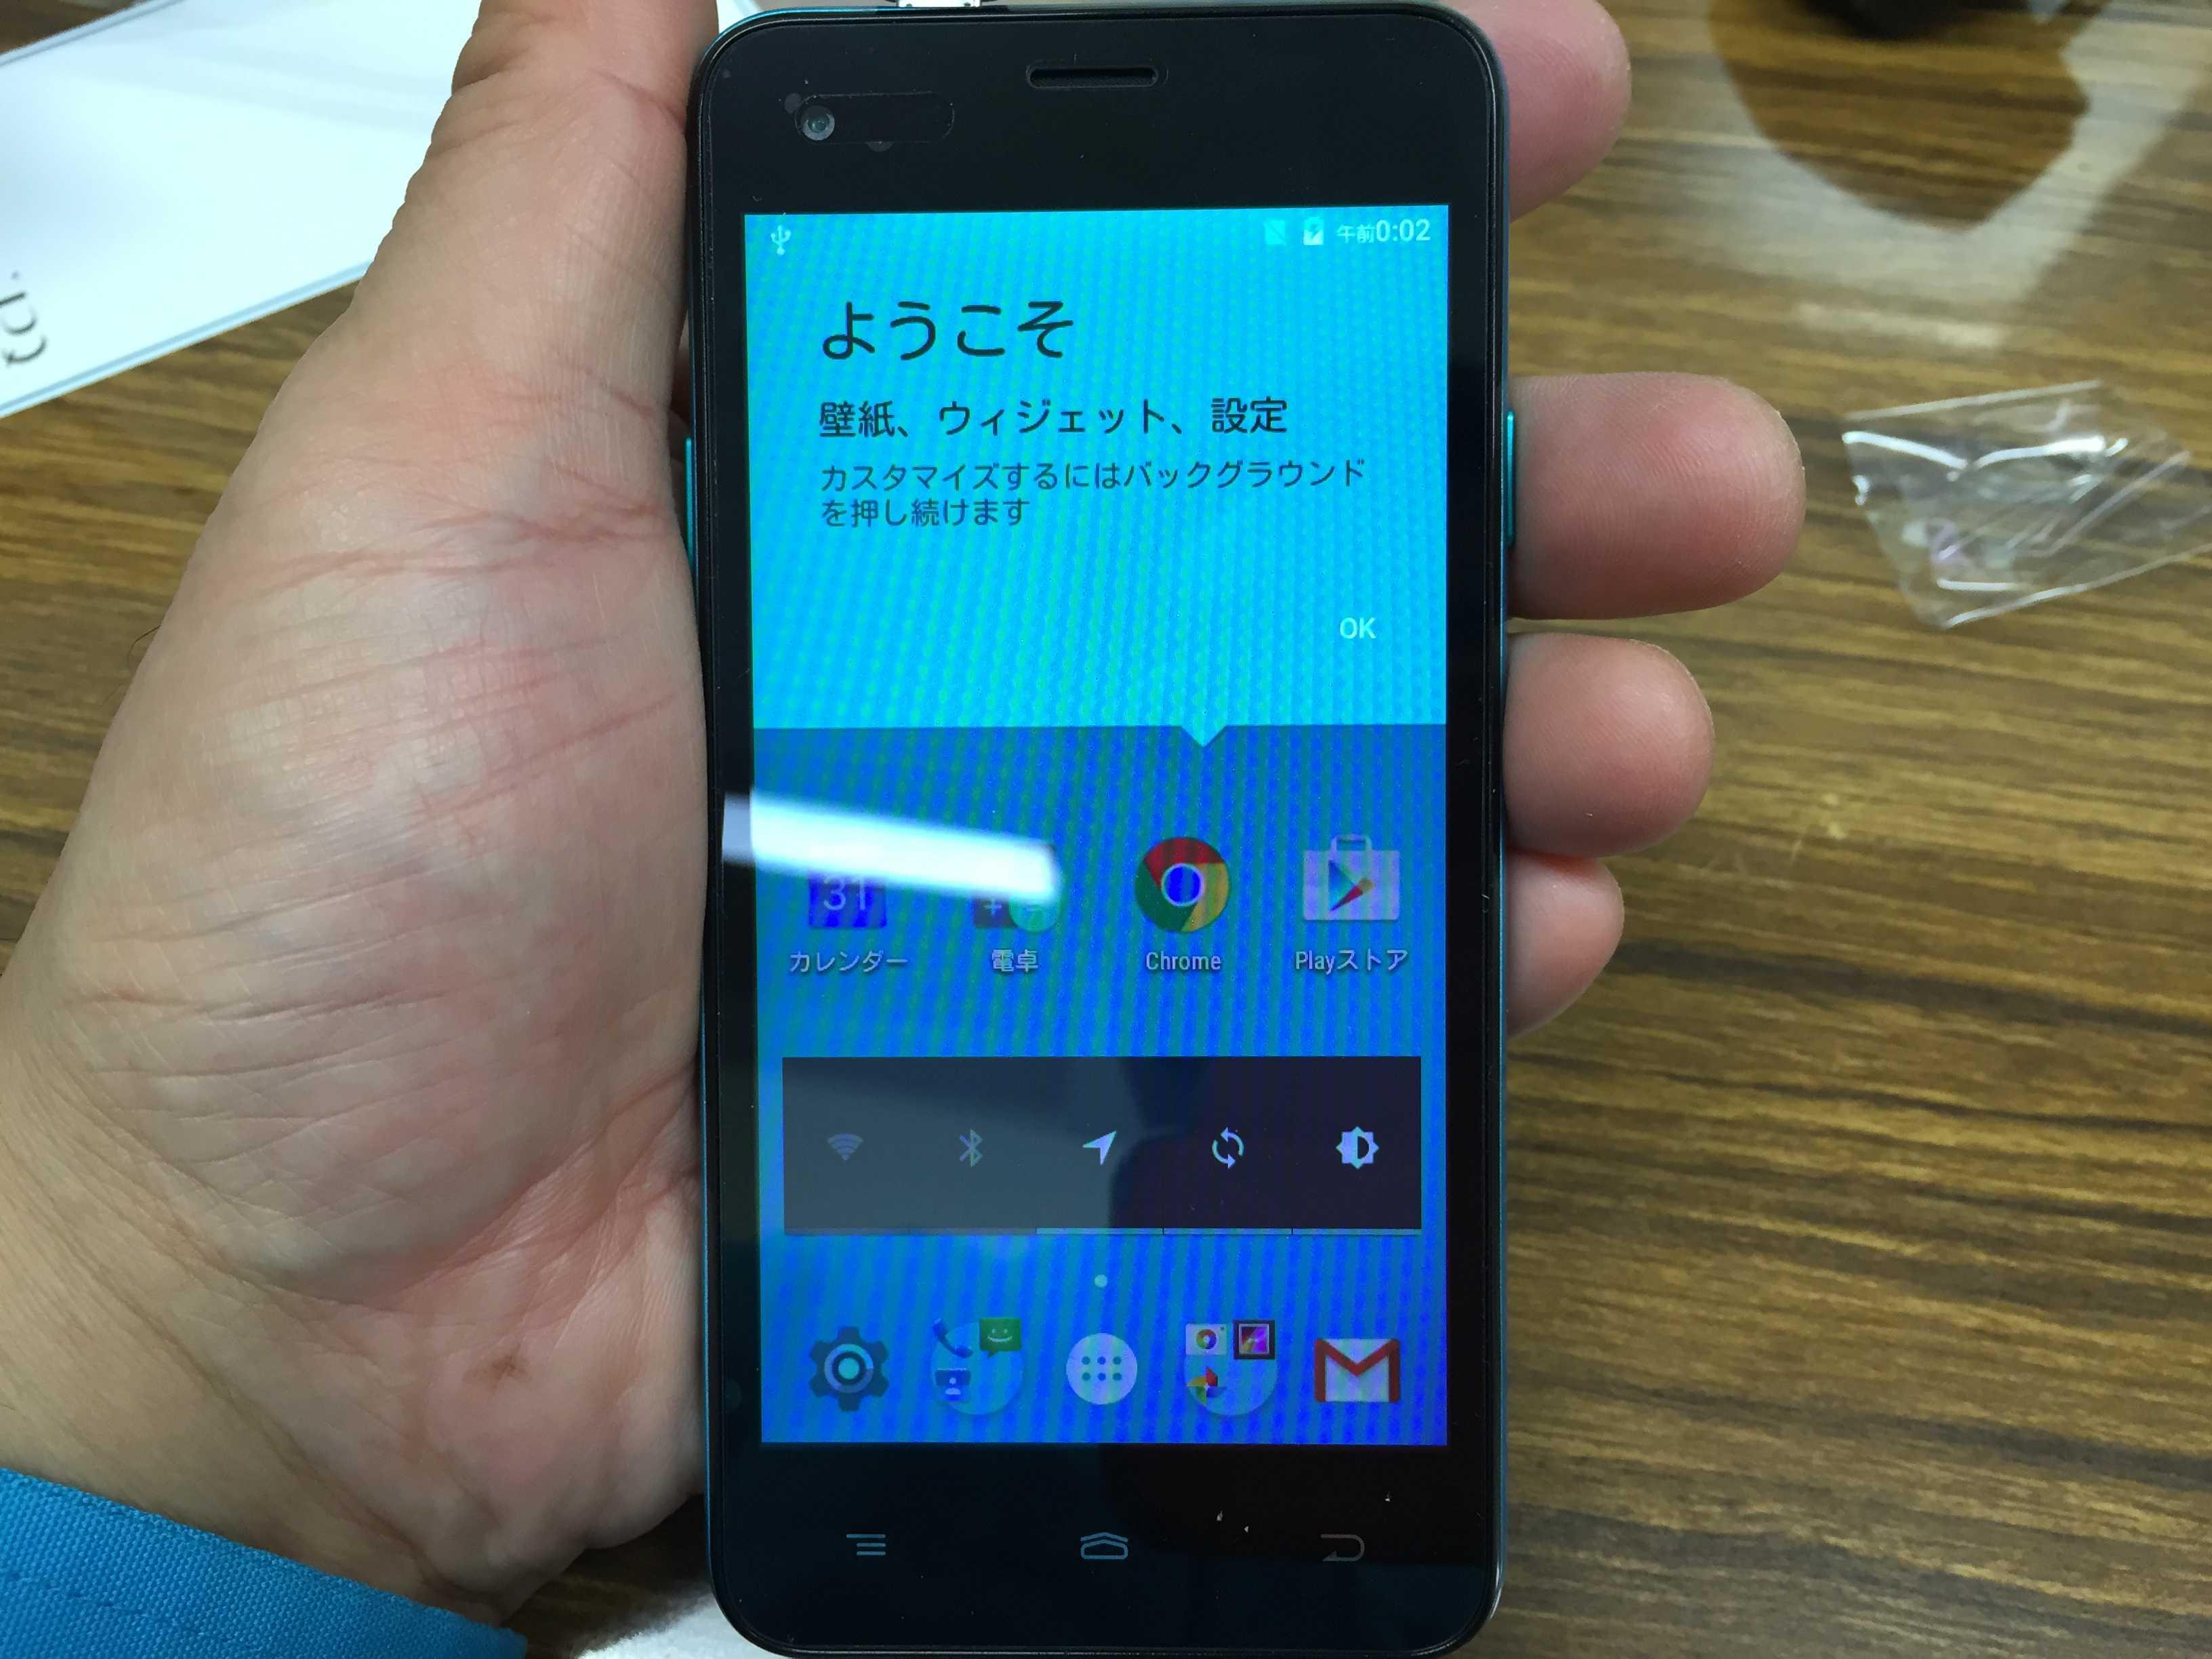 SIMフリースマホ: UPQ(アップ・キュー)Phone A01 - ようこそ